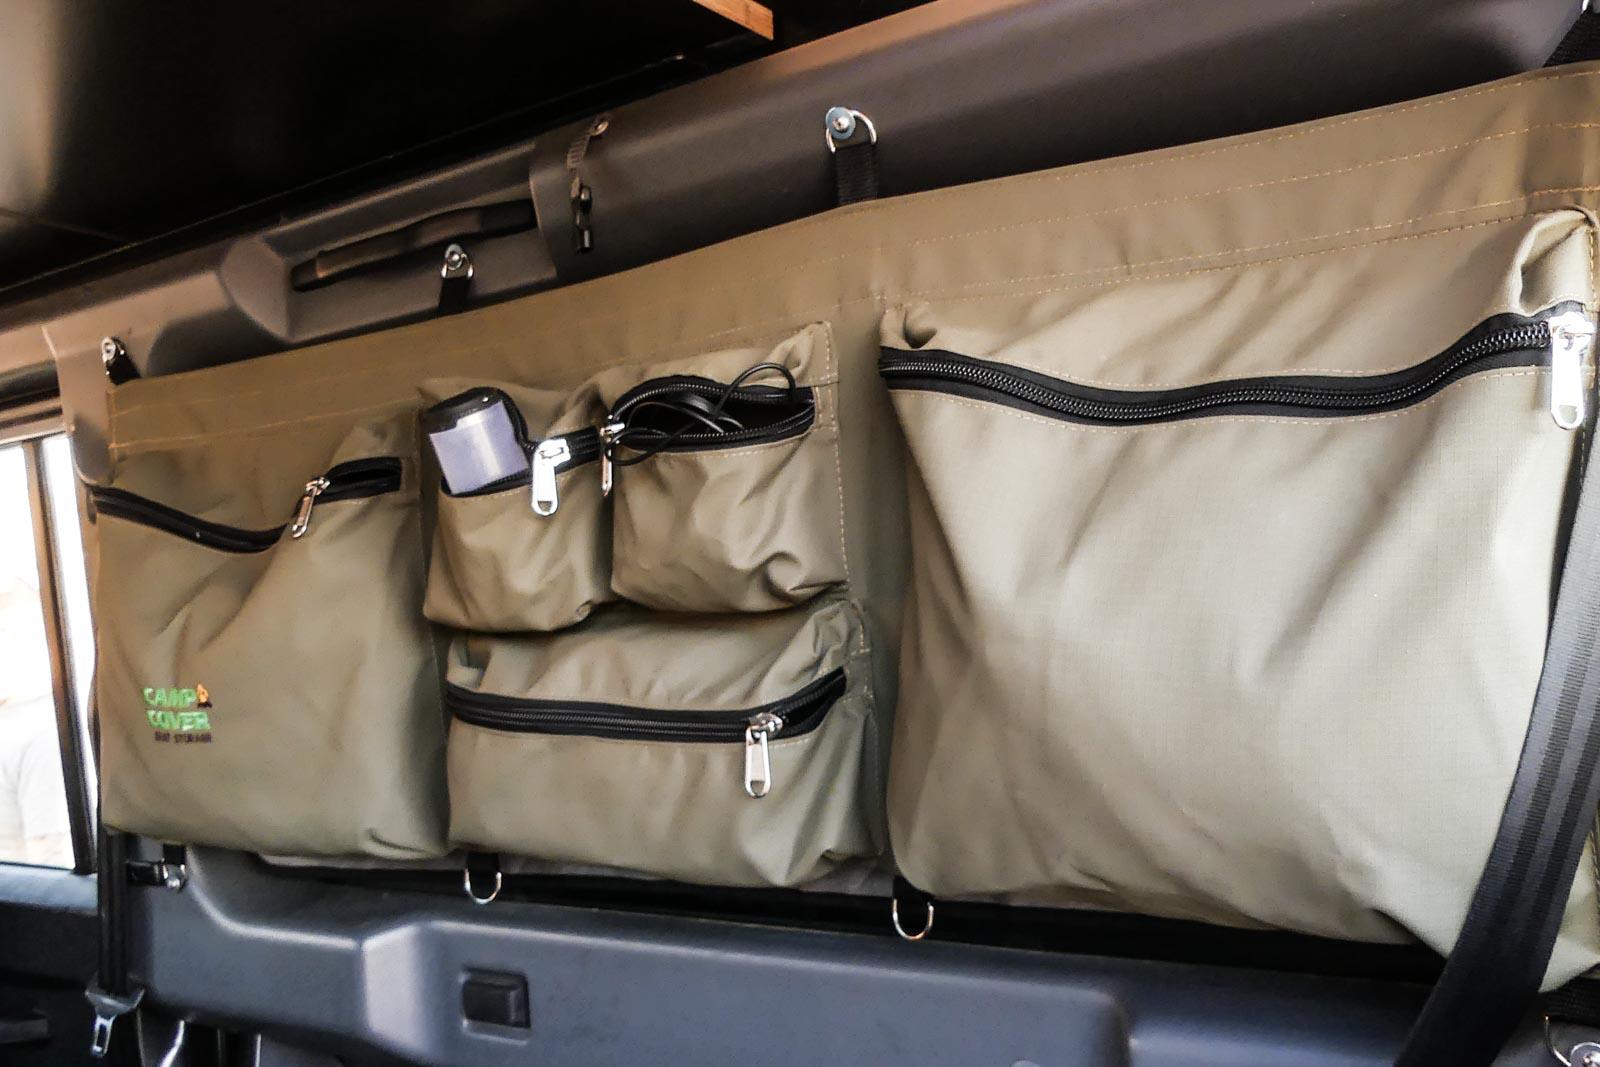 produktvorstellung camp cover stausystem im defender 110. Black Bedroom Furniture Sets. Home Design Ideas